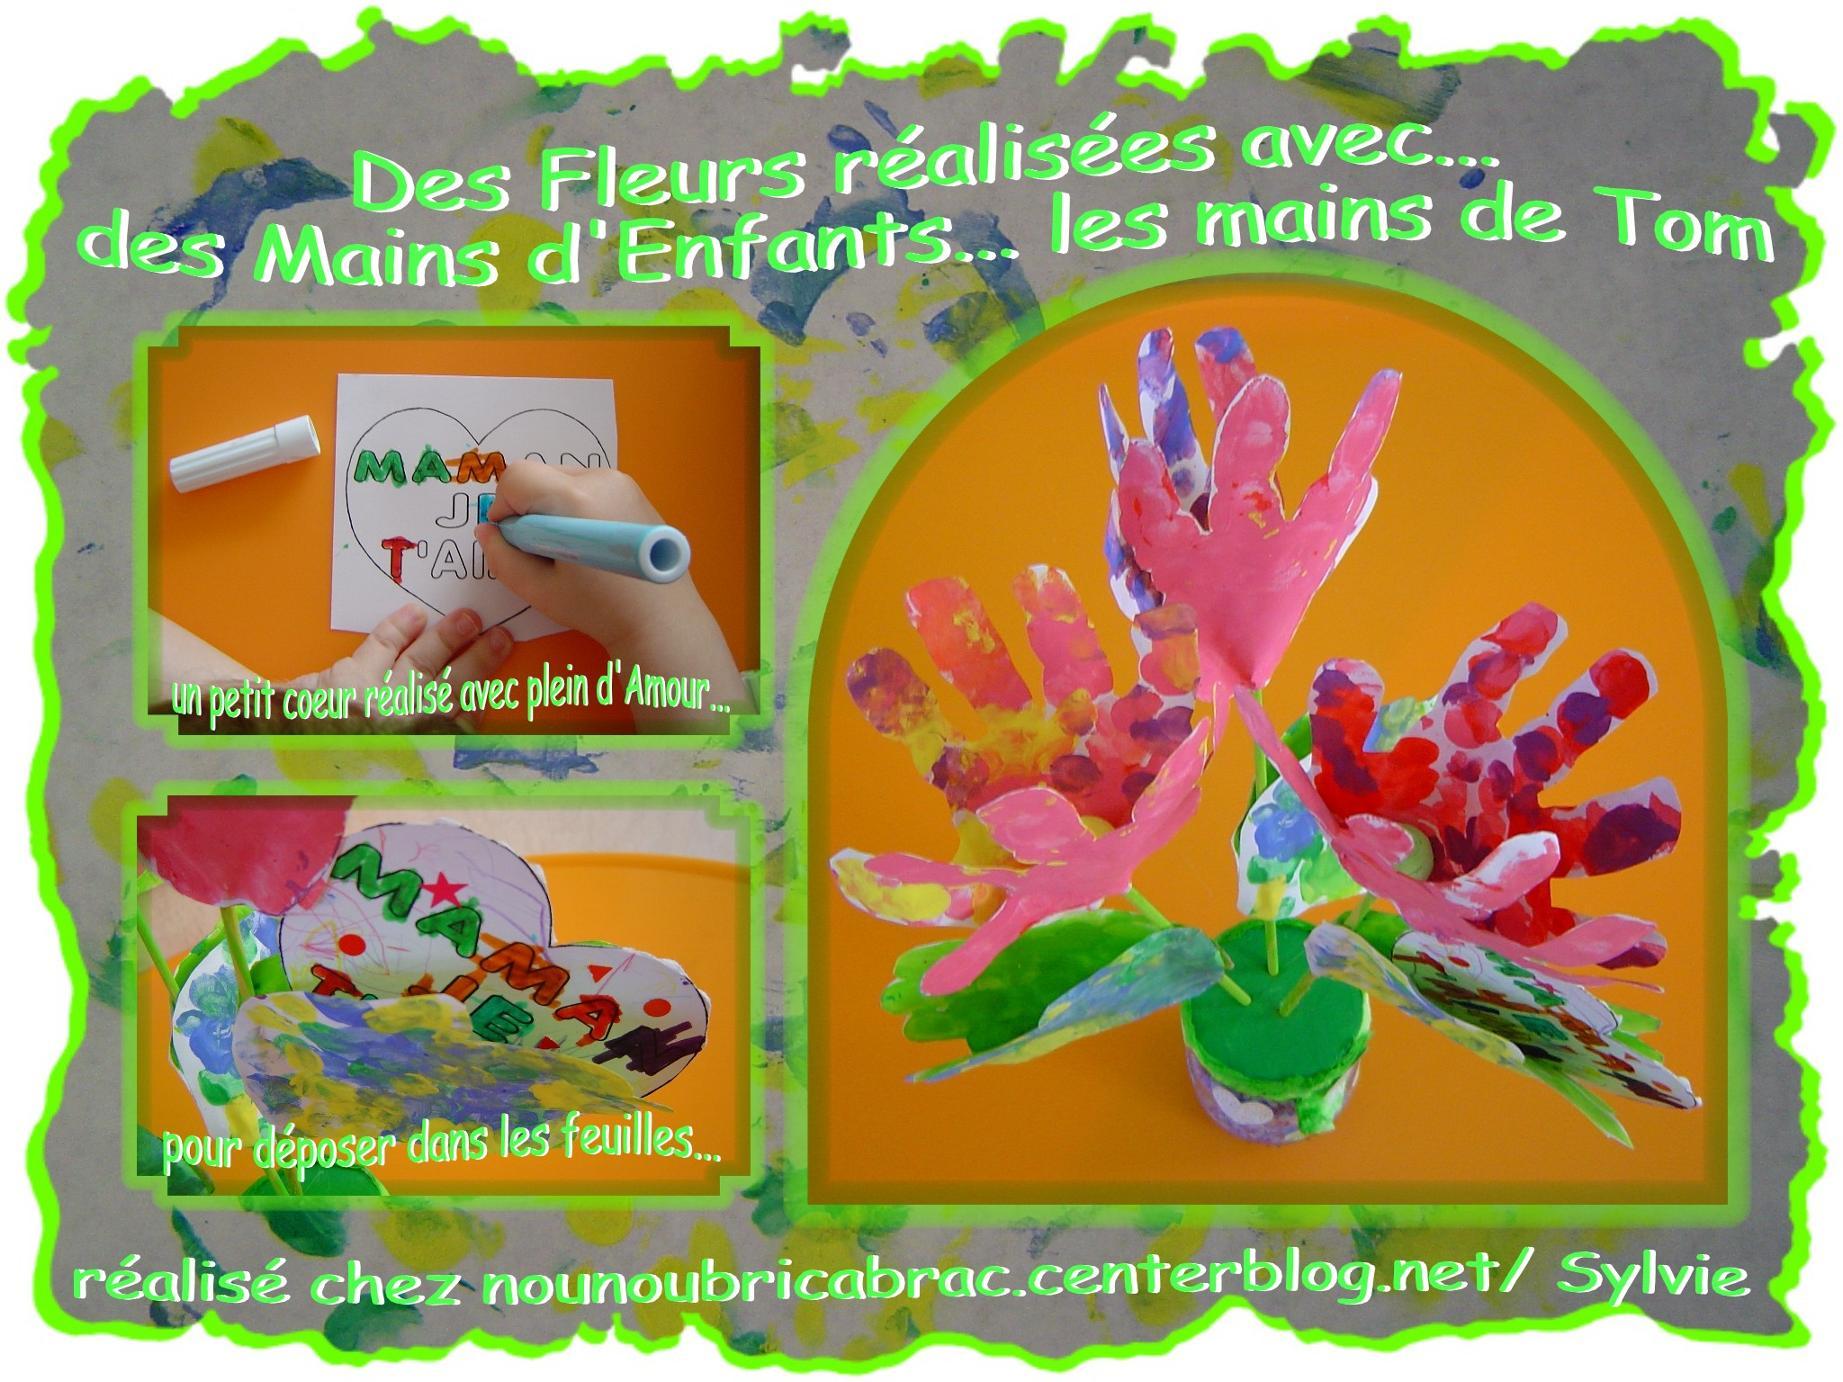 Des Fleurs réalisées avec des Mains d'Enfants... les Mains de Tom, 3 ans